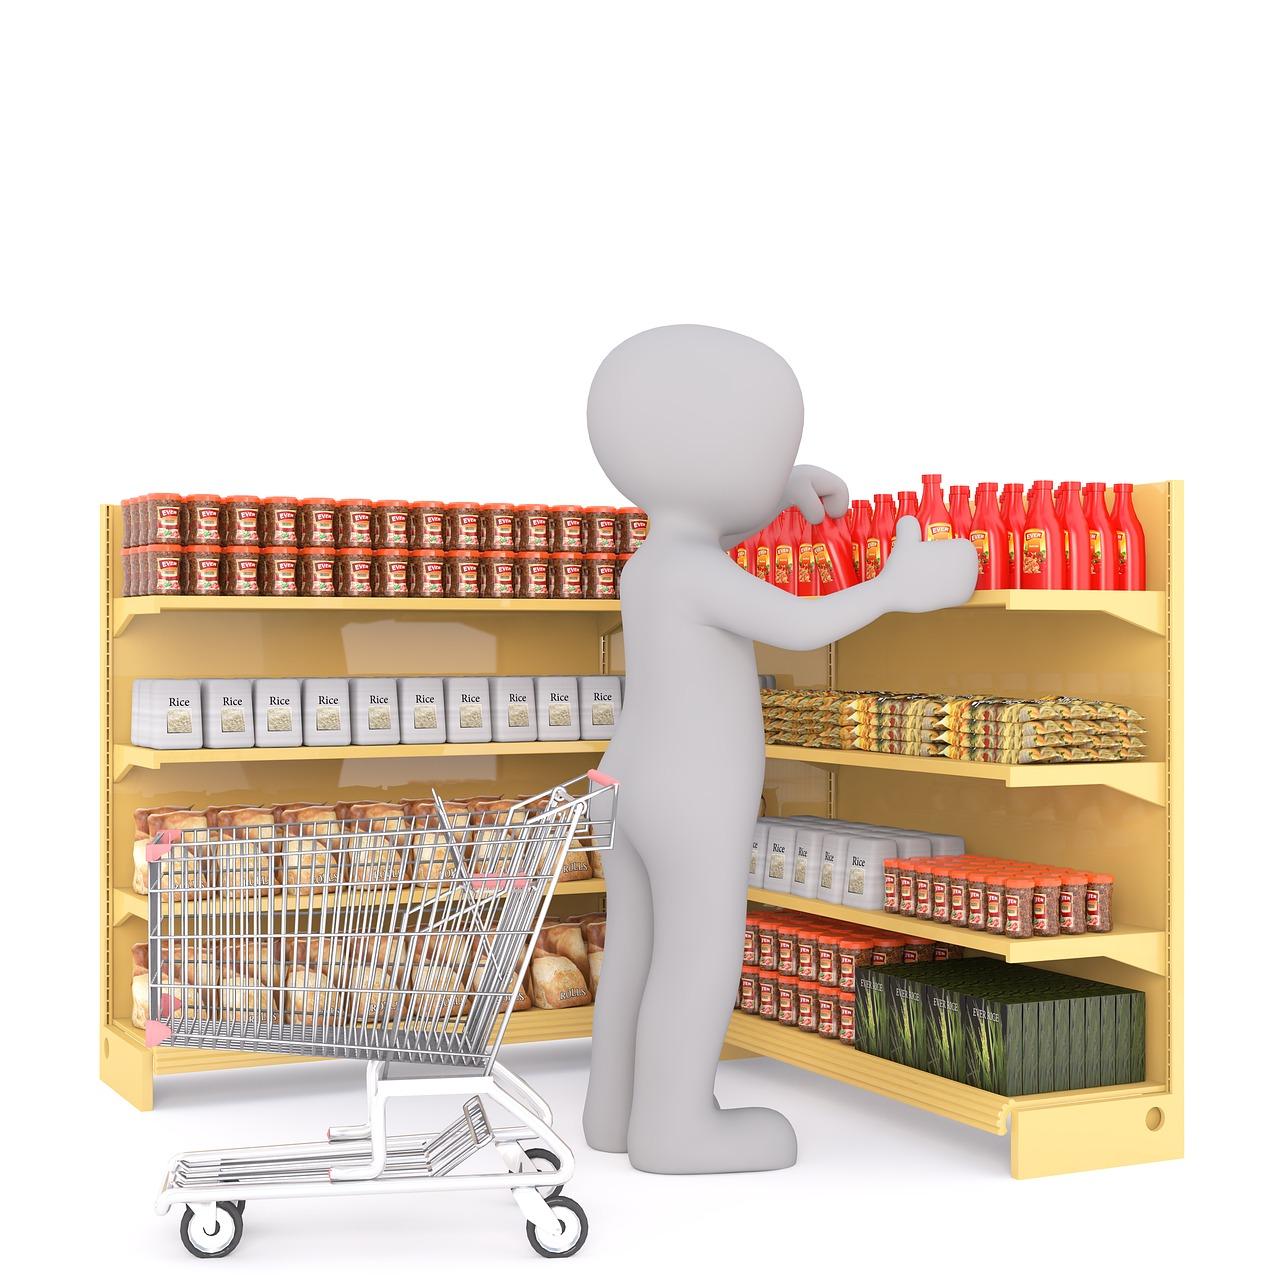 Regał: obowiązkowe wyposażenie każdego sklepu